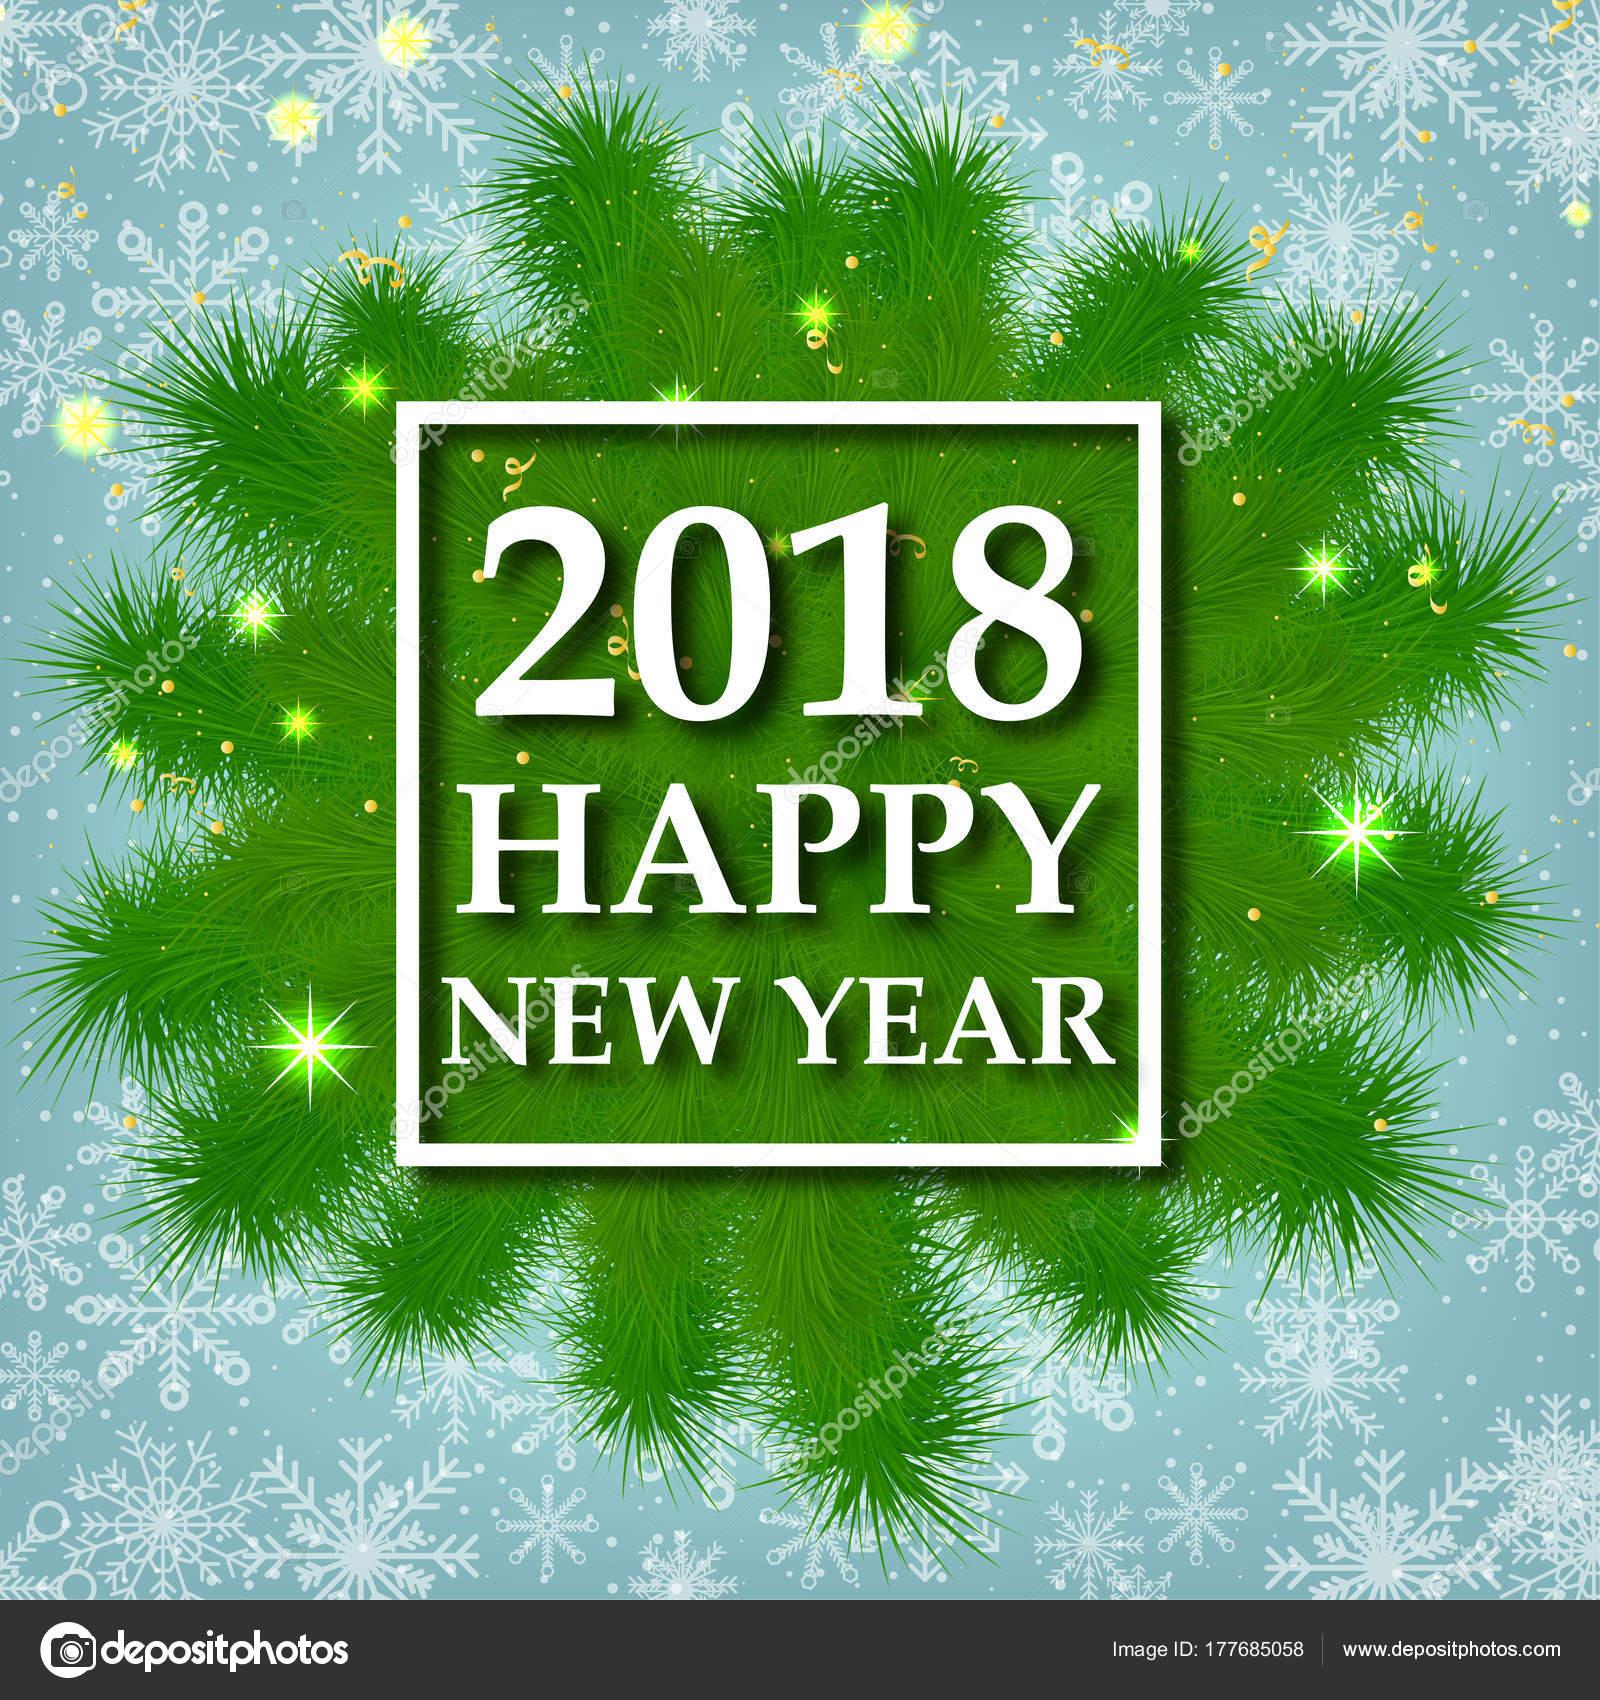 weihnachten 2018 urlaub Neues Jahr. Weihnachten. 2018. fest. Urlaub. Herzlichen  weihnachten 2018 urlaub